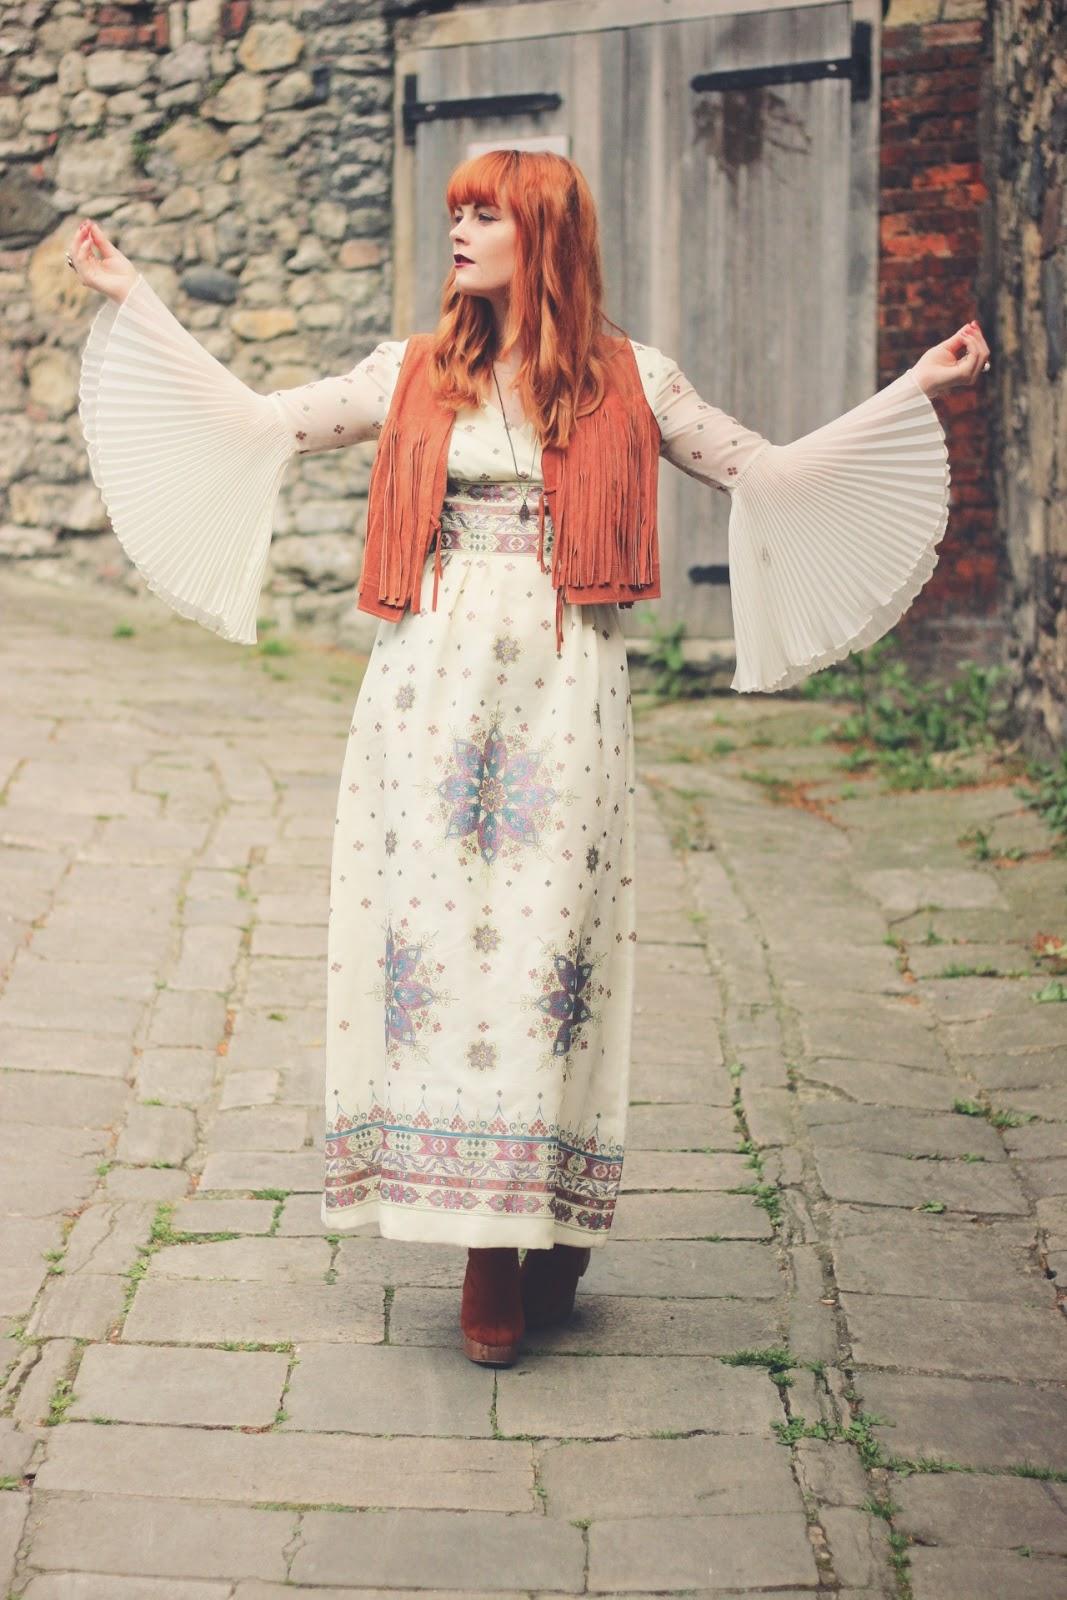 70s Vintage Bohemian Festival Outfit